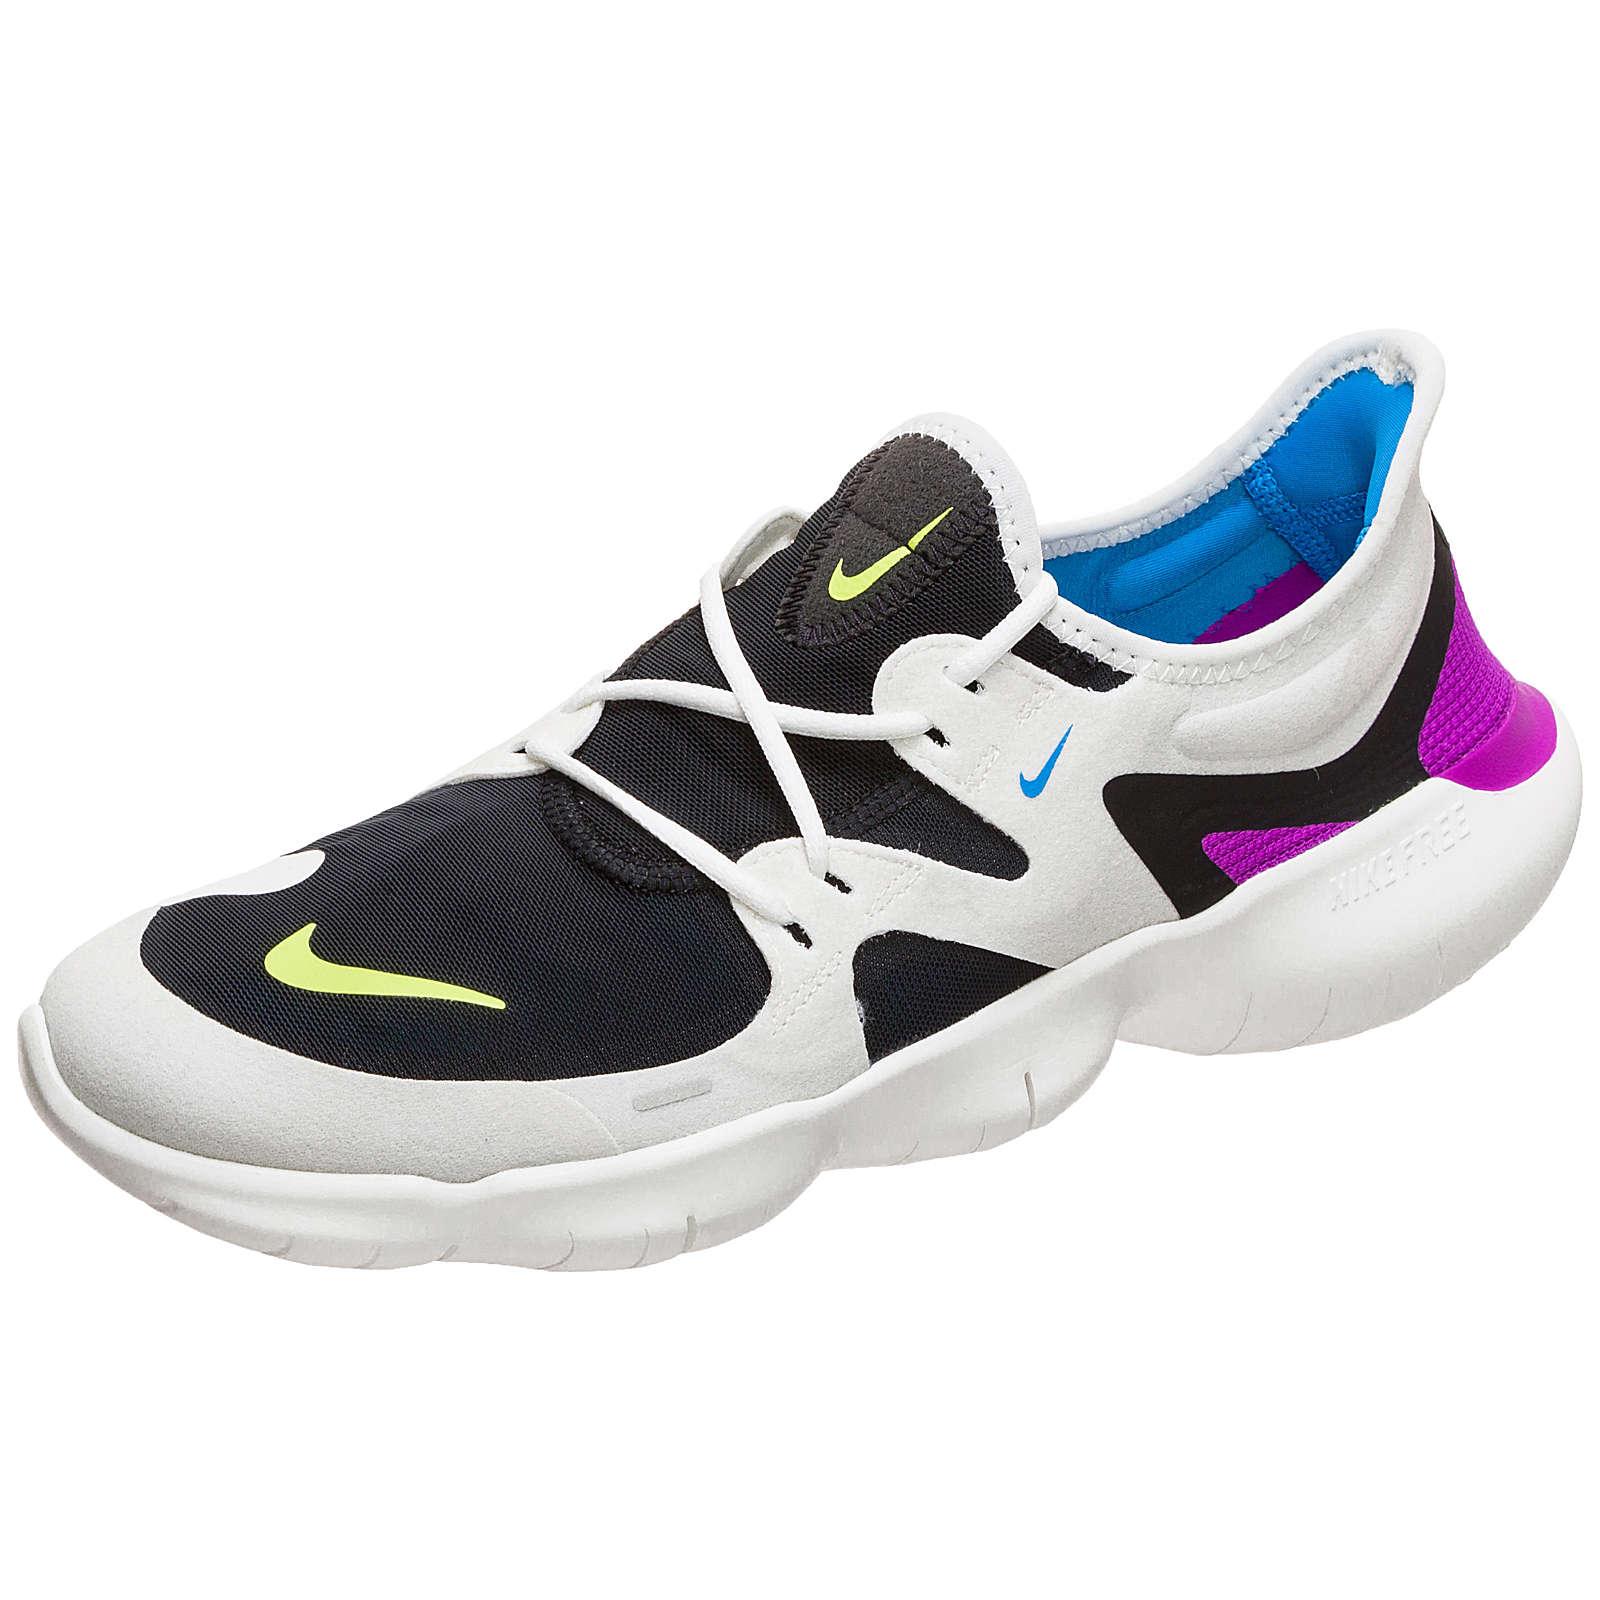 Nike Performance Free RN 5.0 Laufschuh Herren weiß Herren Gr. 44